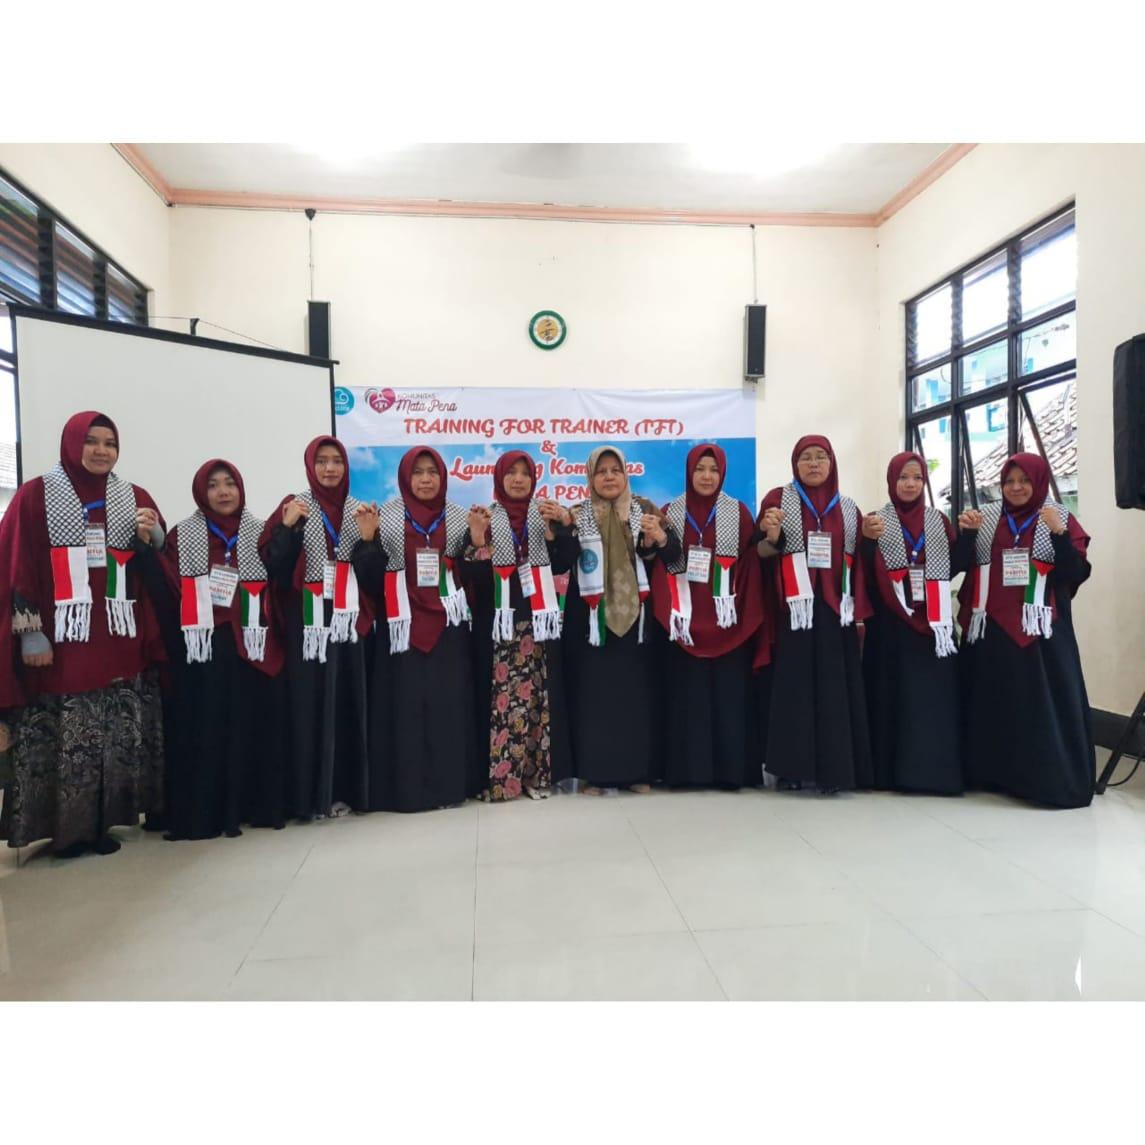 Training For Trainer (TFT) dan Launching Komunitas ke- 19 : Mata Pena, Pangkal Pinang Bangka Belitung